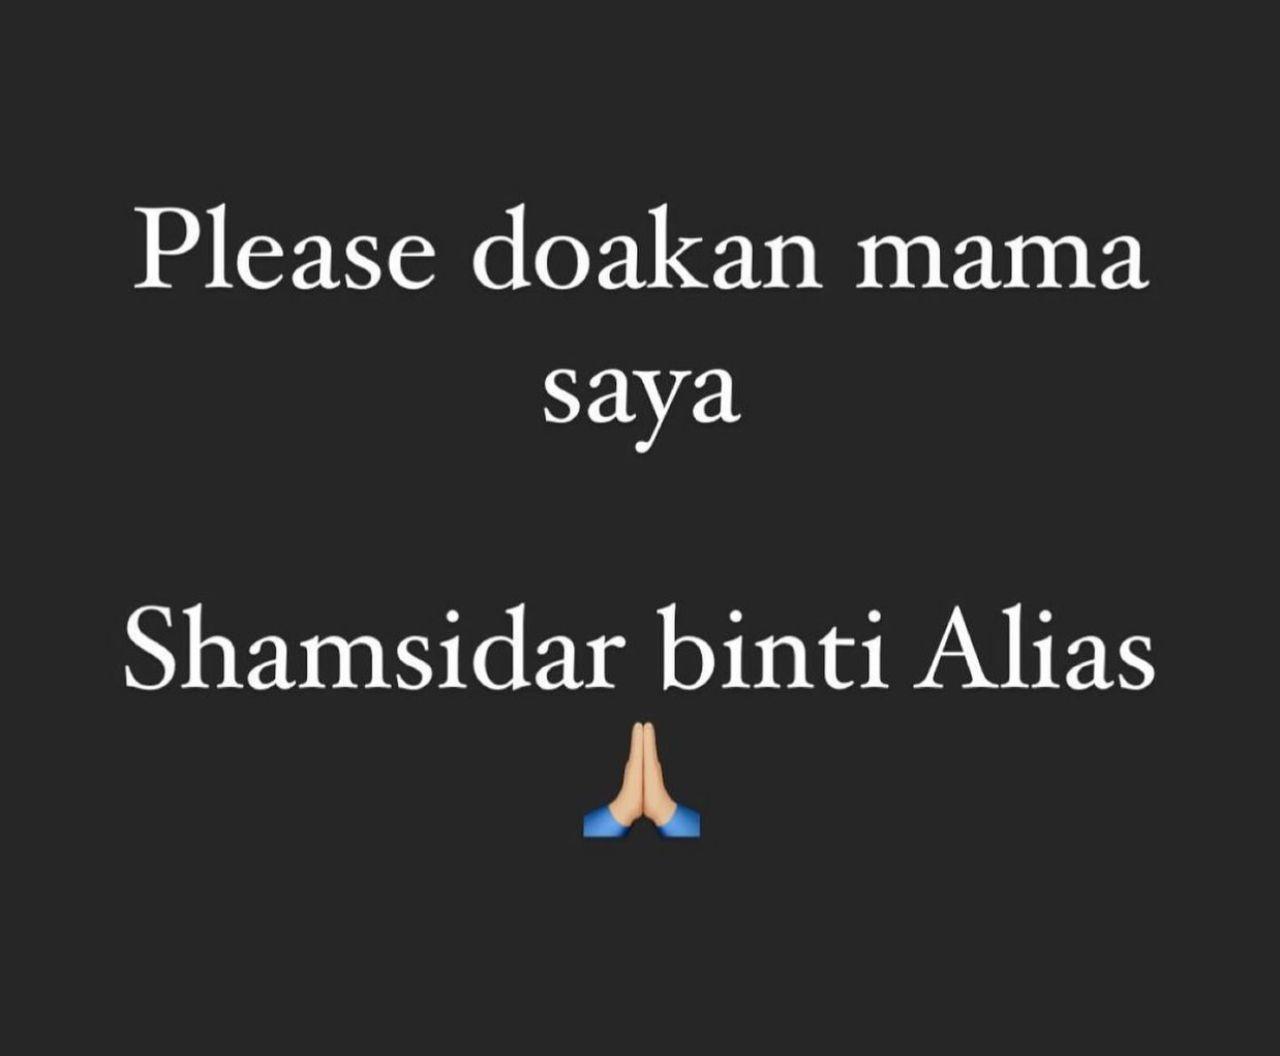 'Saya Mohon Kalian Doa Untuk Mama Saya' – Ibu Elyana Positif Covid-19 8